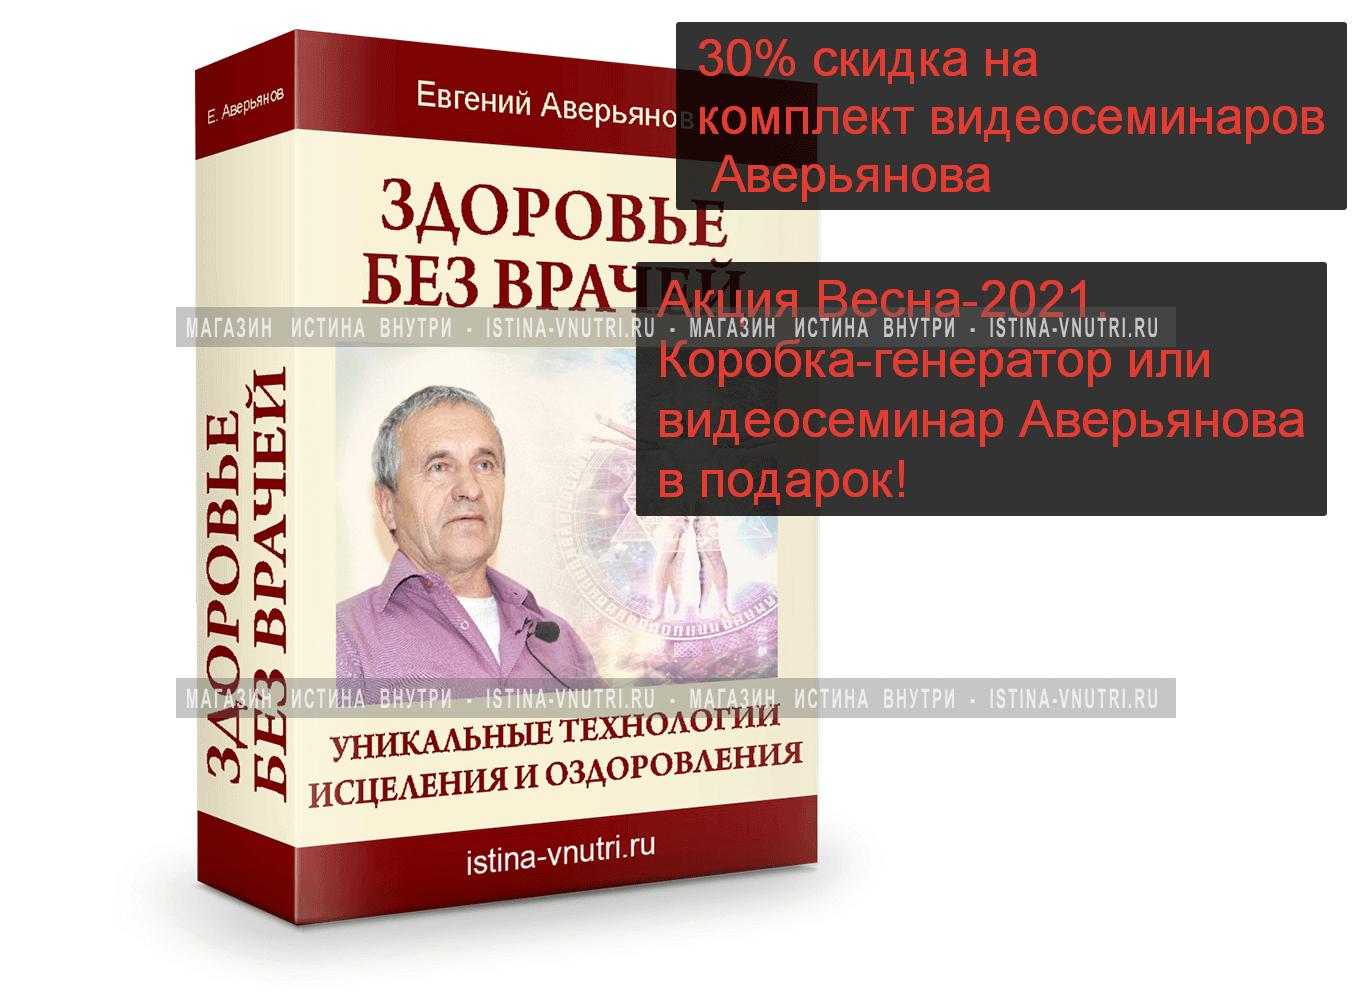 Vesna2021. For actya